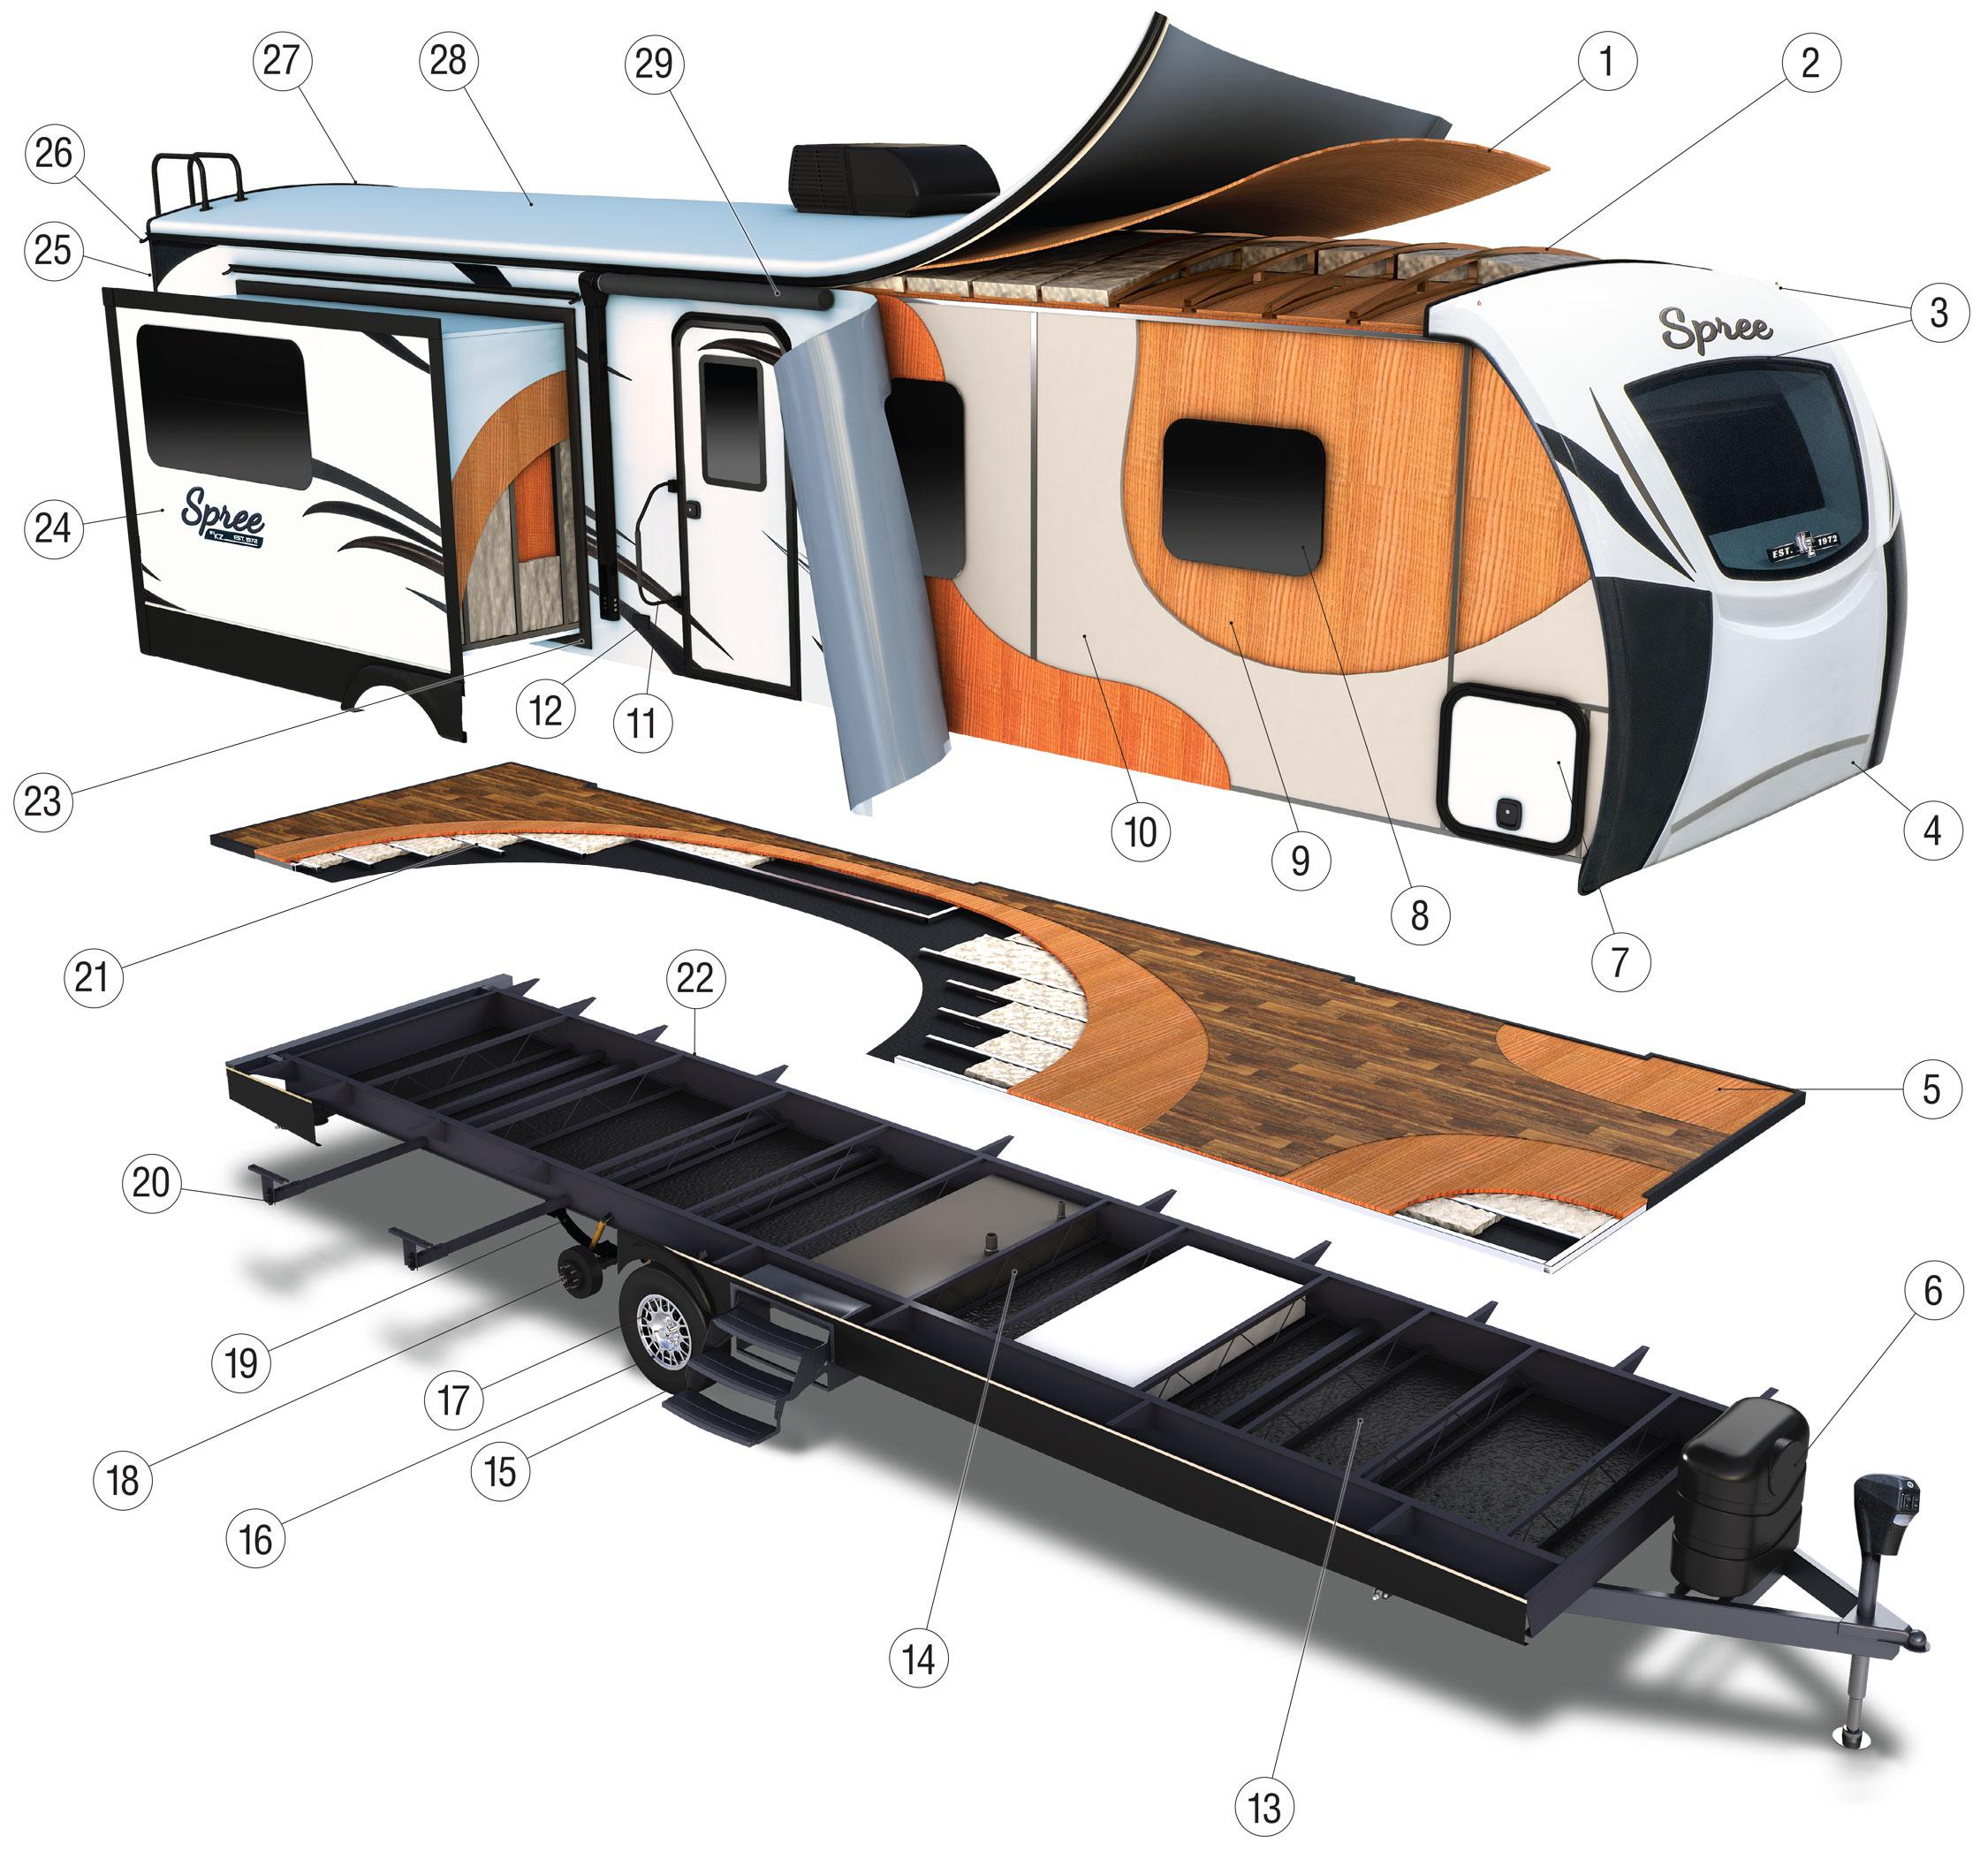 2018 spree luxury lightweight travel trailer features kz rv2018 kz rv spree travel trailer cutaway